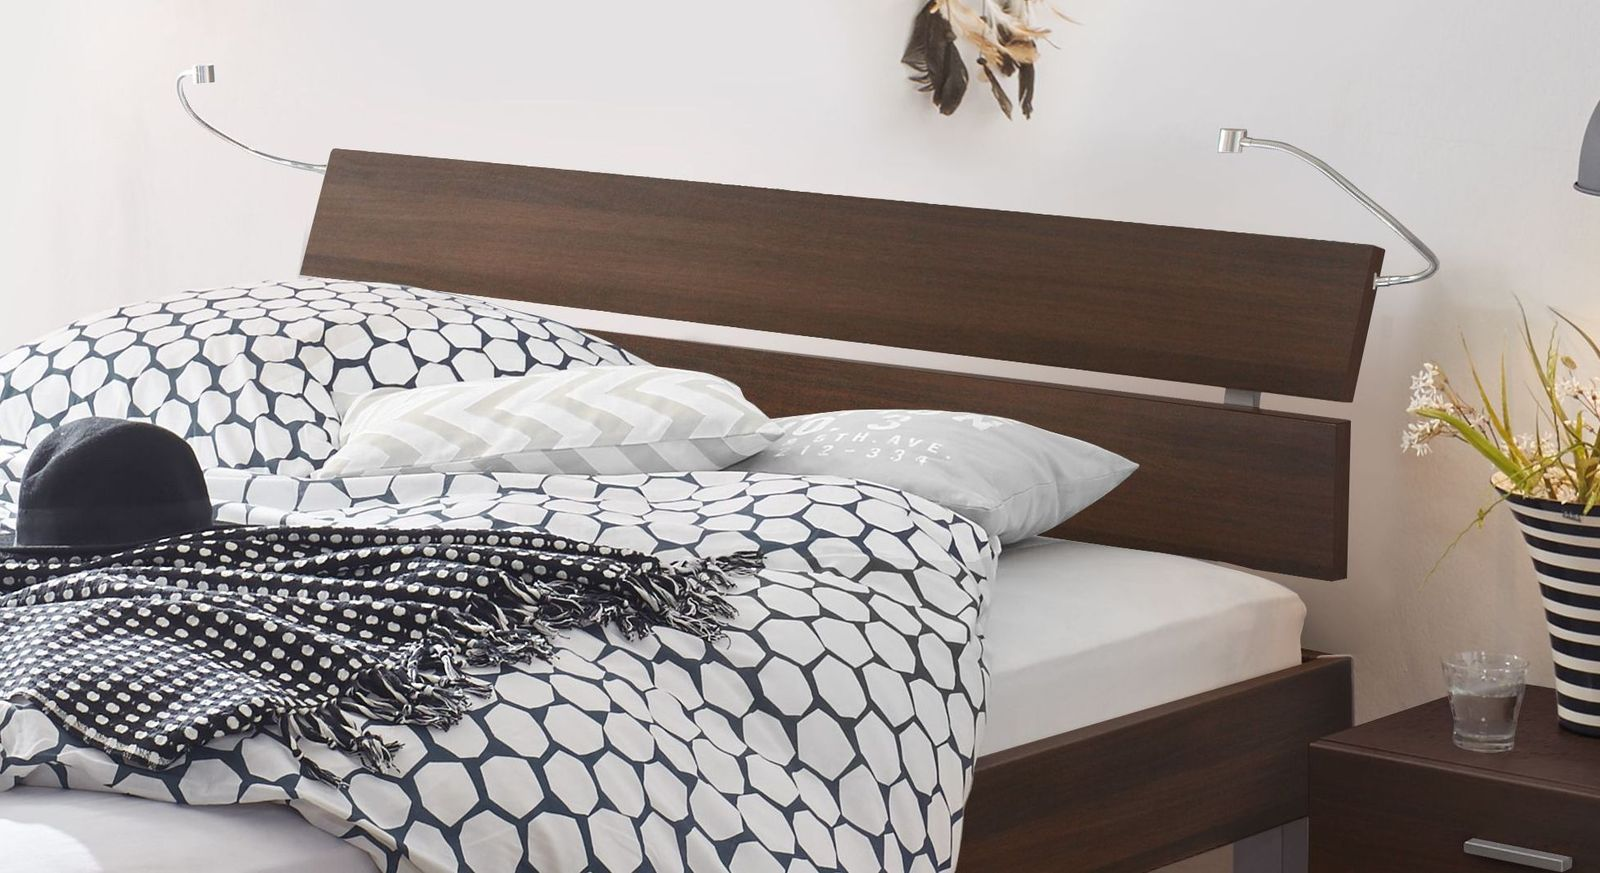 Bett Belluno mit zweigeteiltem Kopfteil